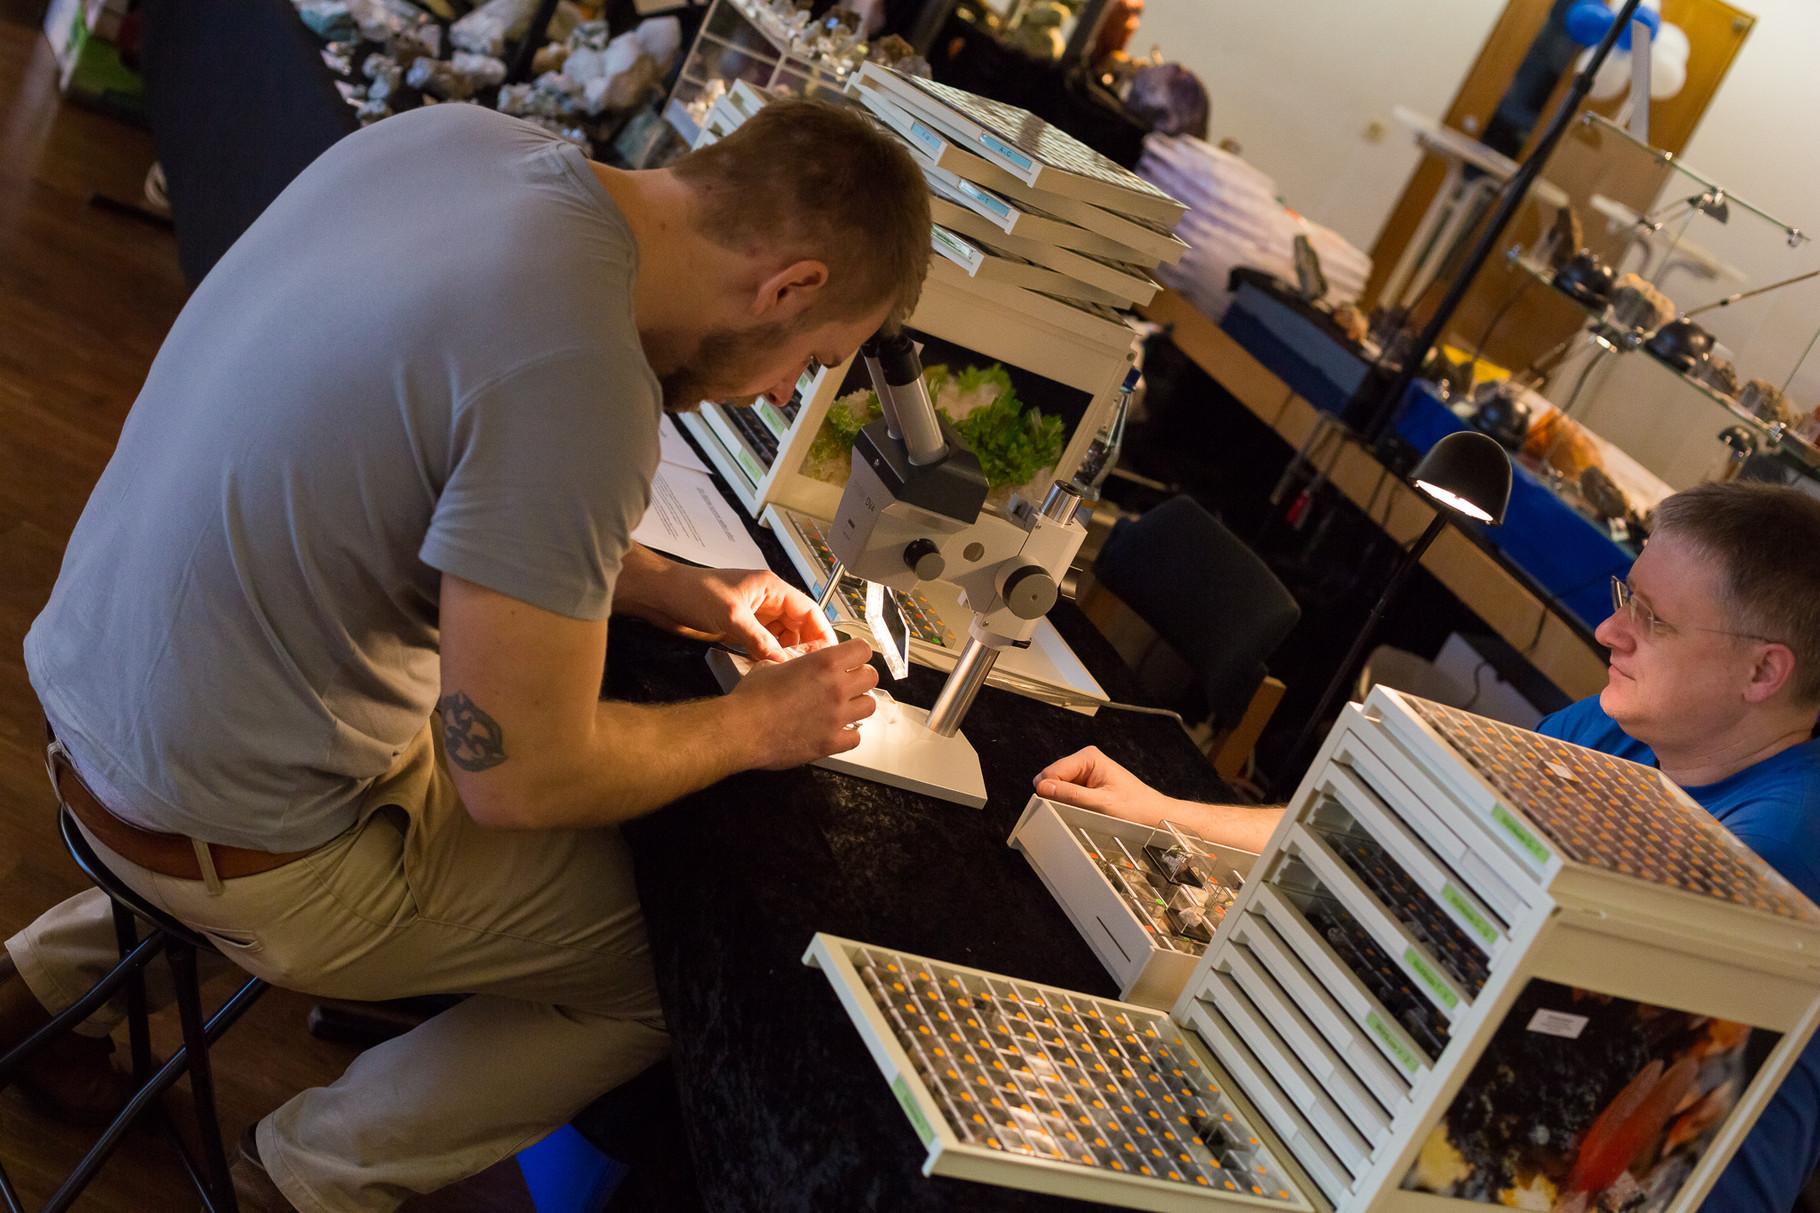 Mineralien können von jedem Besucher unter einem Mikroskop betrachtet werden